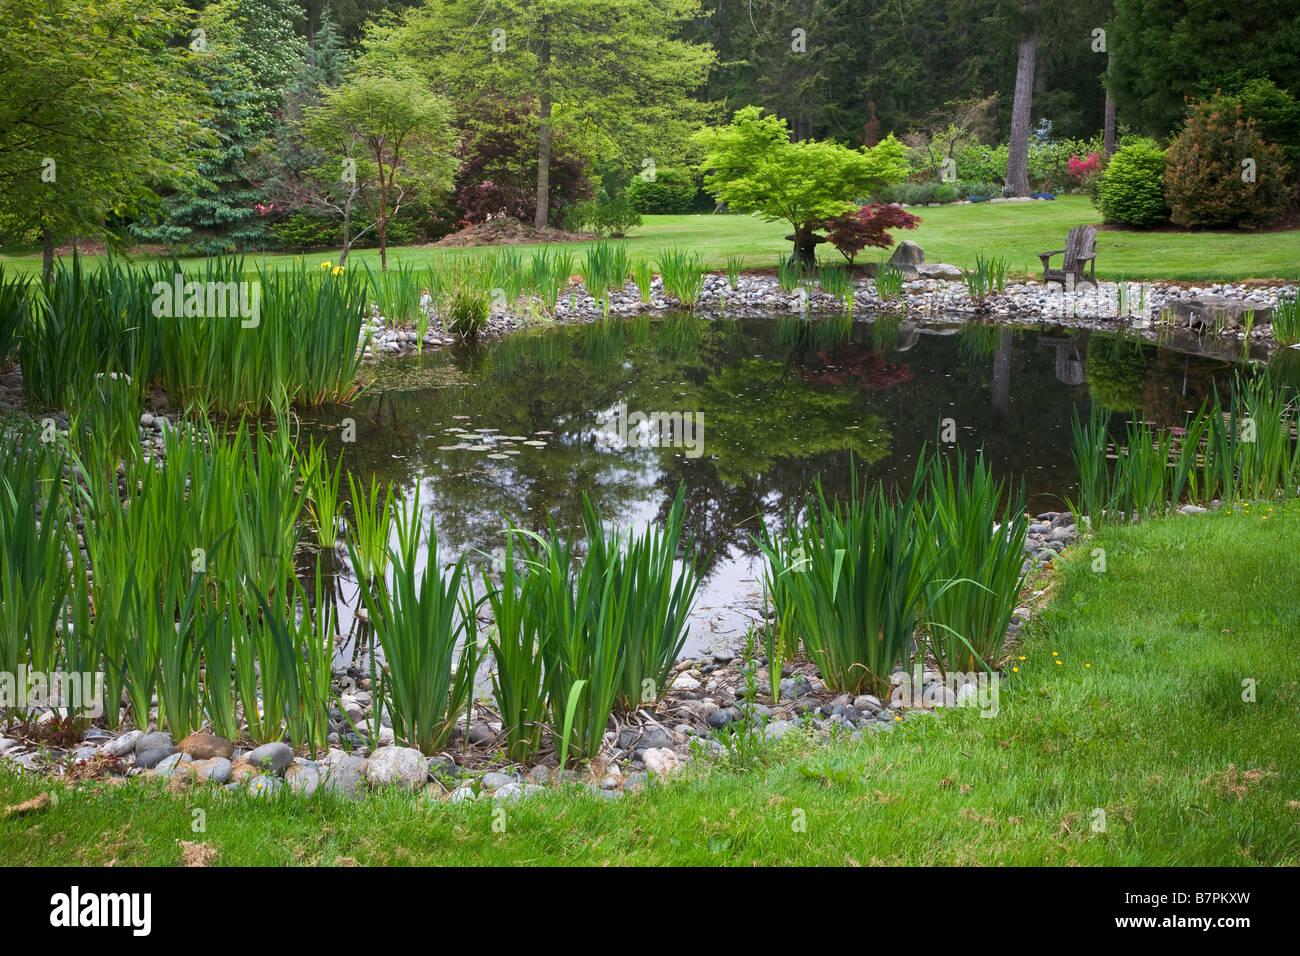 Vashon Island, WA: Pacific northwest étang de jardin avec iris jaune le long des marges Photo Stock